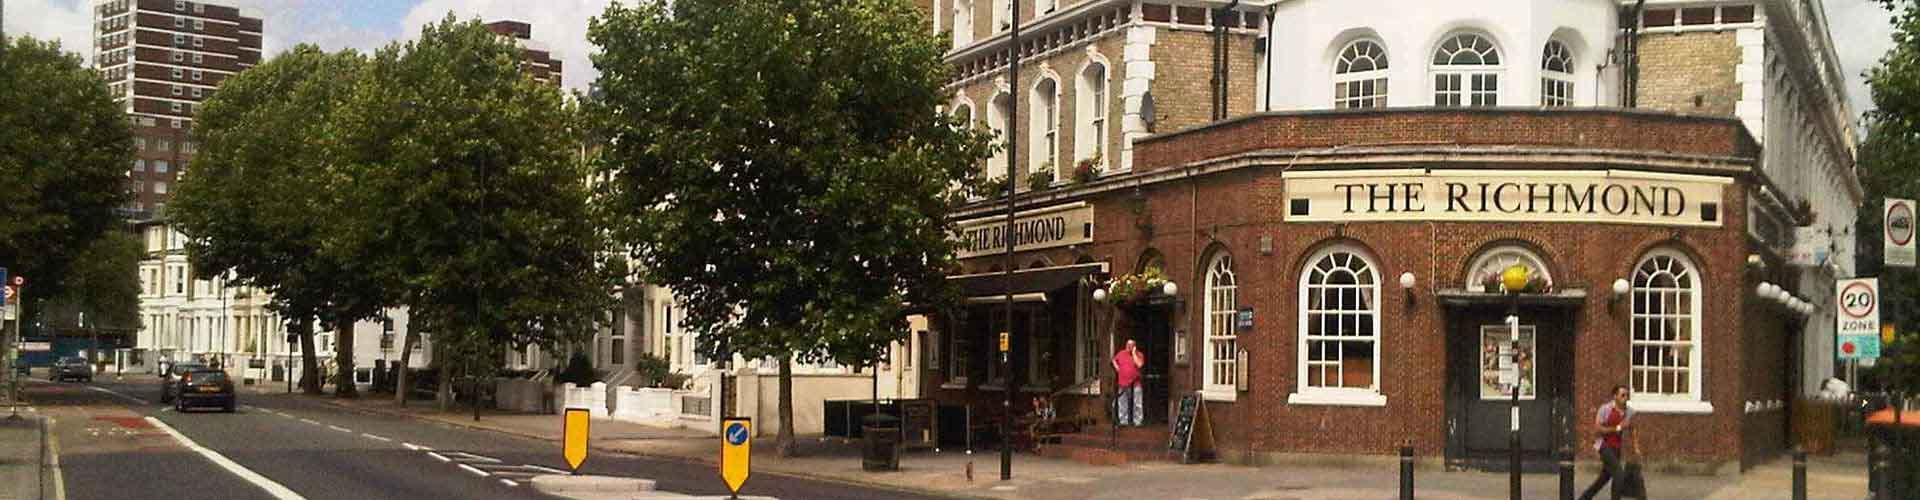 Lontoo – Hotellit kaupungiosassa Borough of Hammersmith and Fulham. Lontoo -karttoja, valokuvia ja arvosteluja kaikista Lontoo -hotelleista.